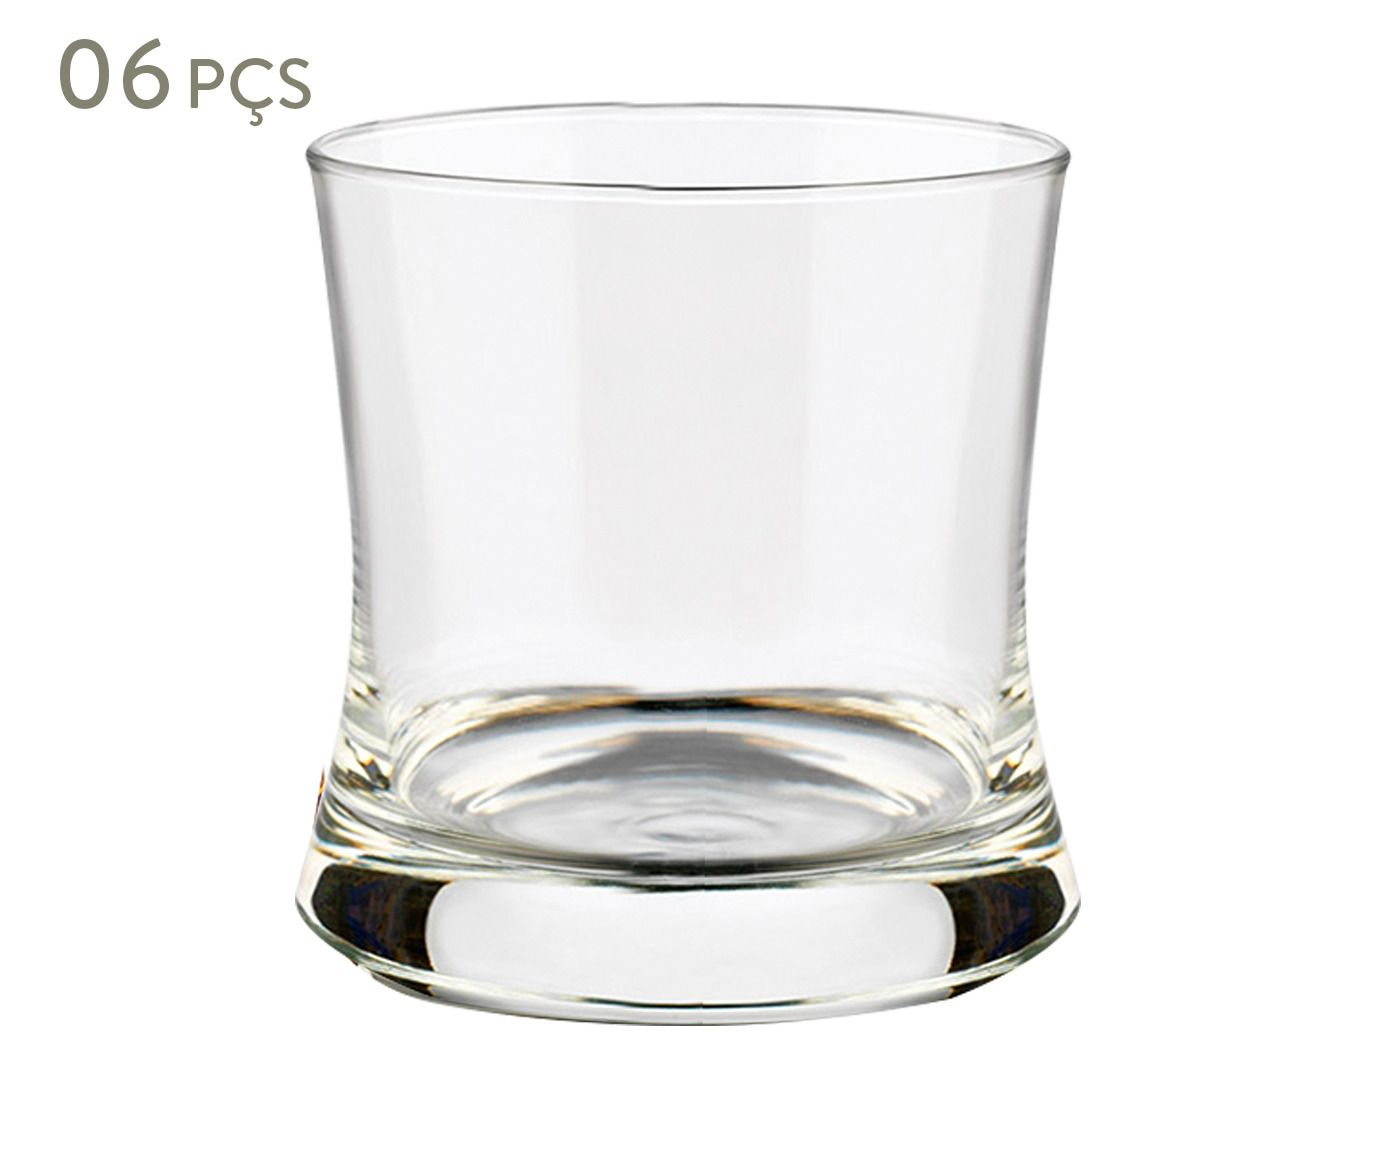 Conjunto de copos malibu rocks - libbey   Westwing.com.br